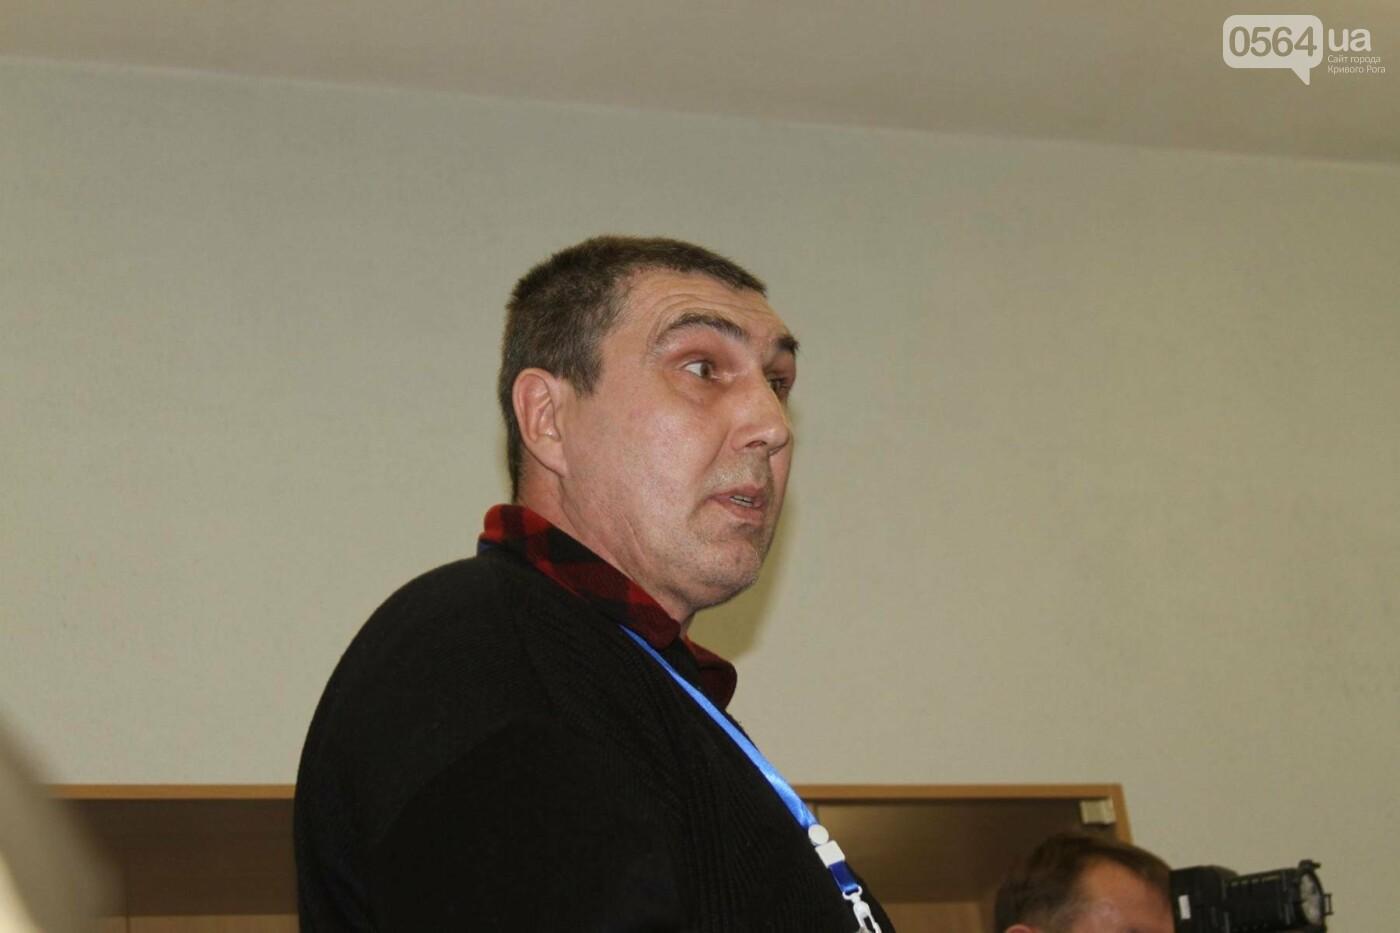 Криворожские депутаты из комиссии по этике и дисциплине со второй попытки не смогли собраться (ФОТО), фото-7